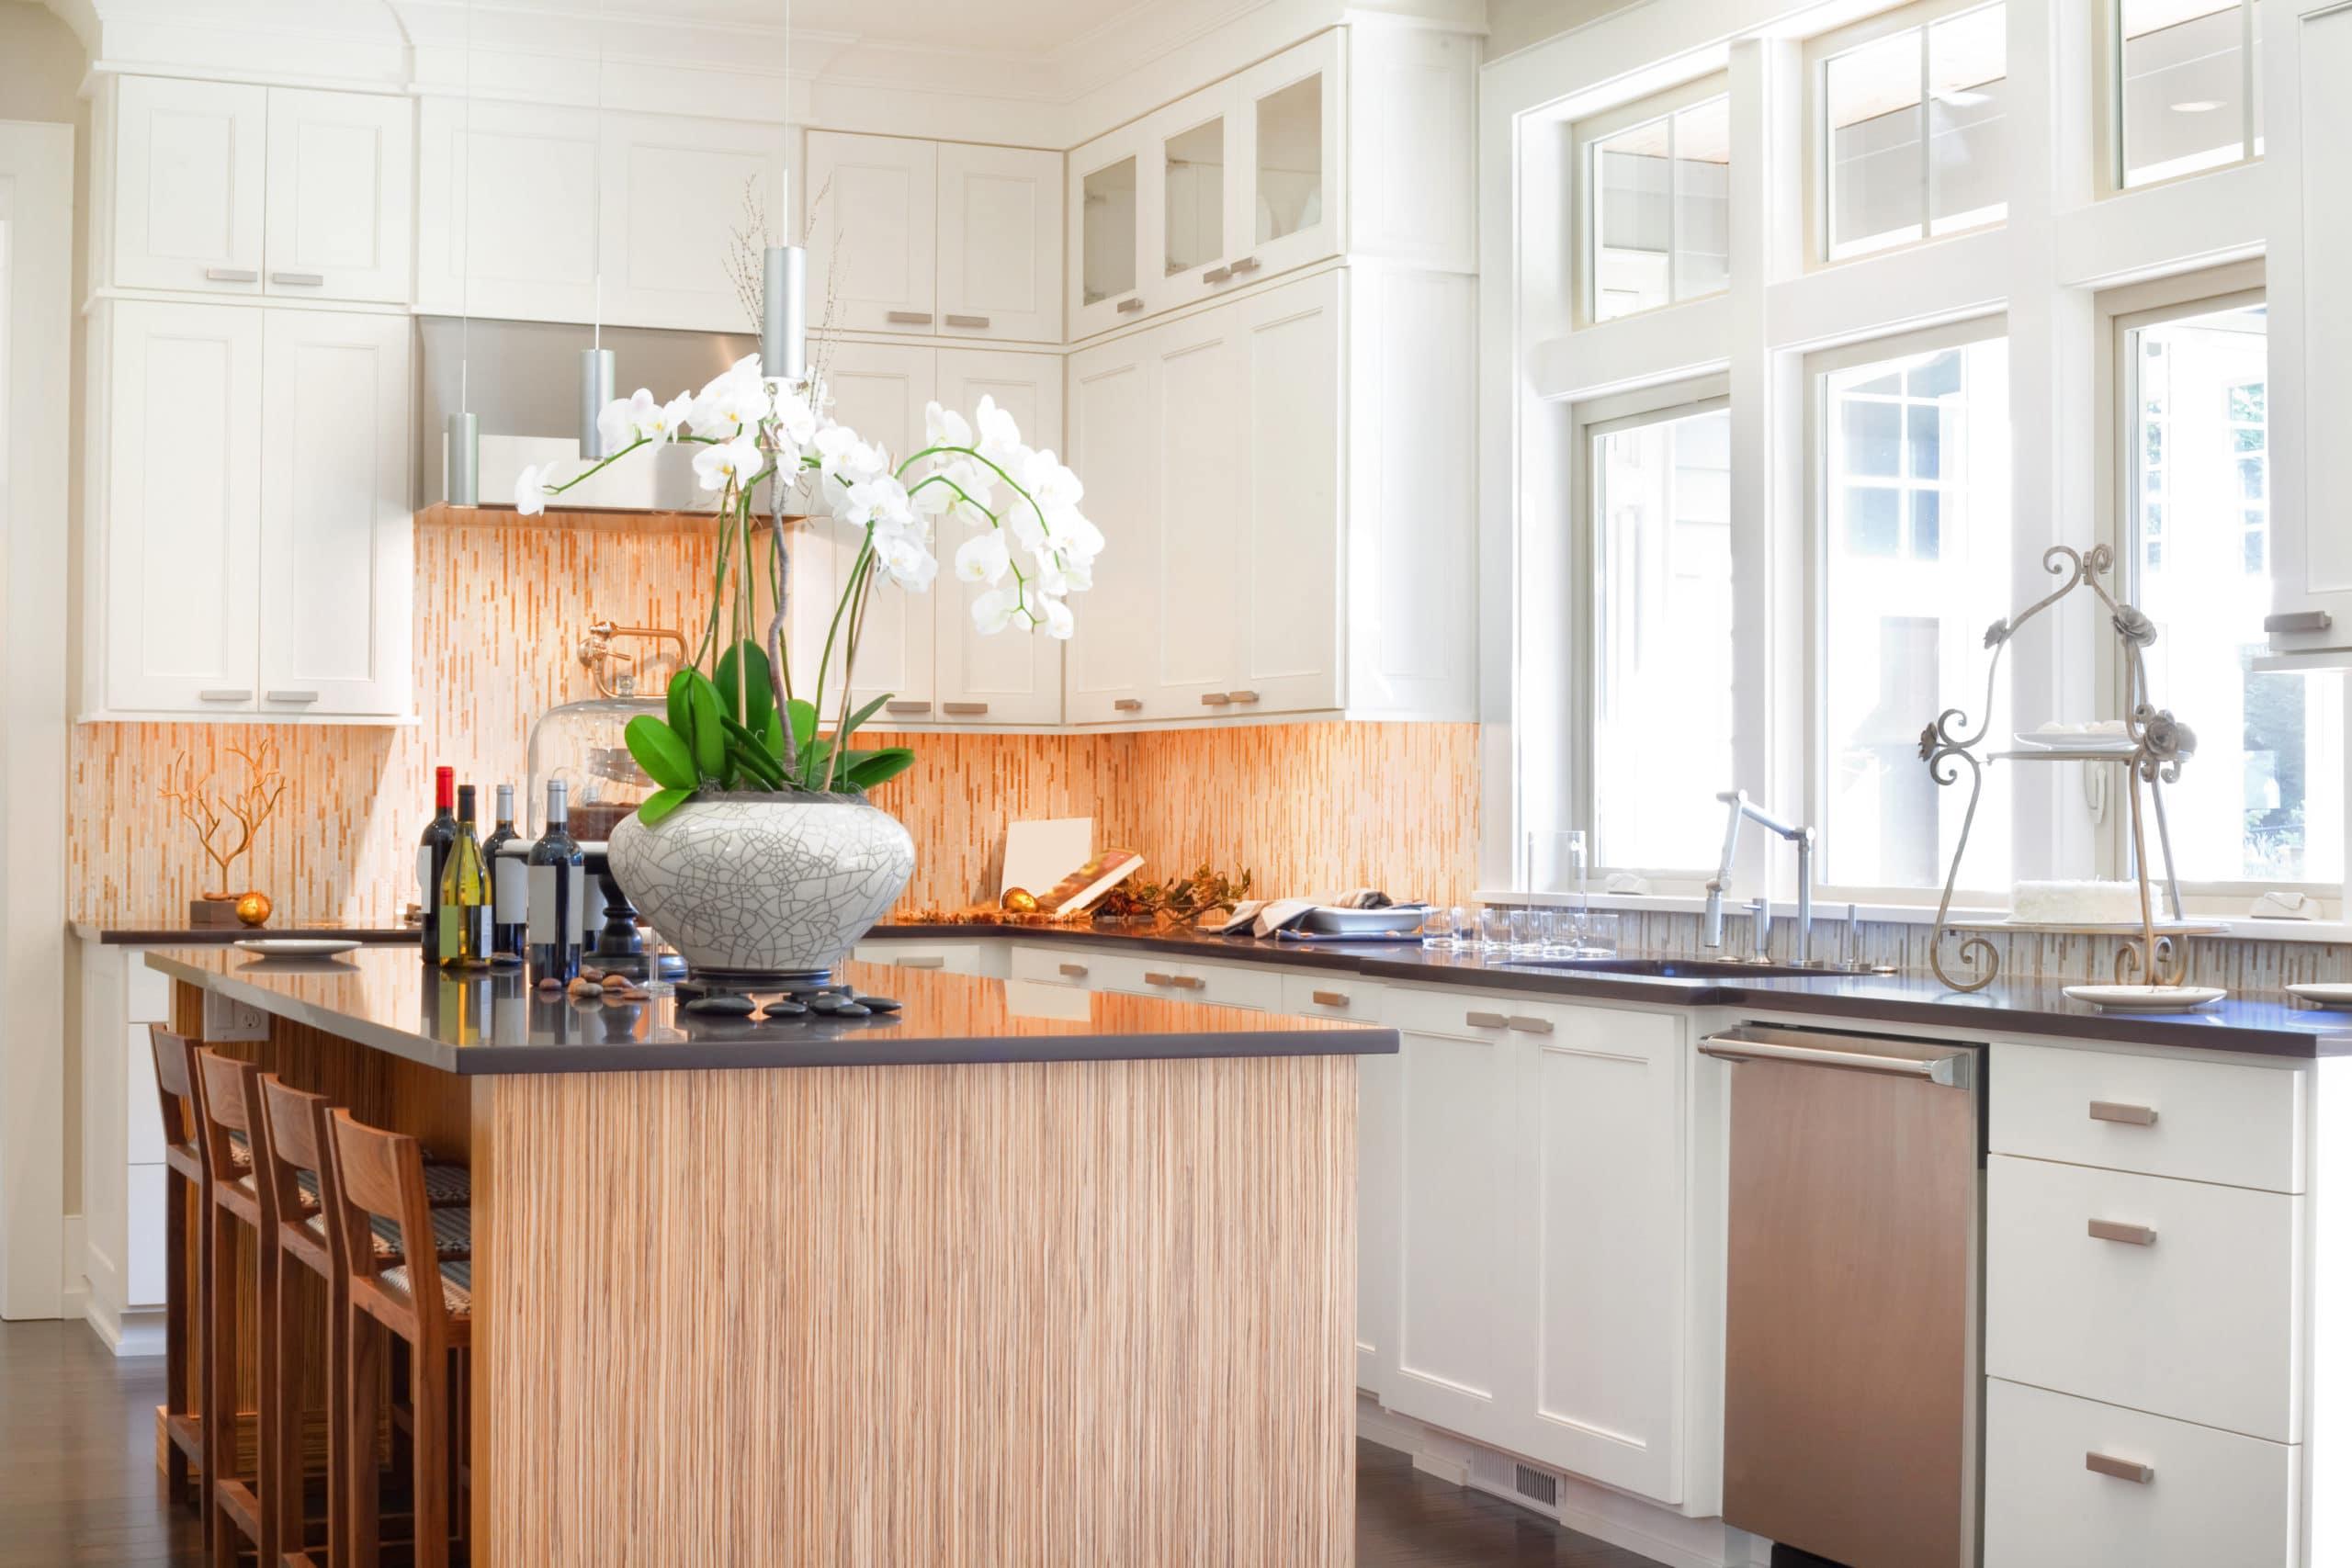 מטבחים מעץ מעצבי השיש במטבחים אשר יודעים לתת שירות טוב עם הרבה רצון לספק מטבחים איכותיים שיודעים לספק פתרונות מגוונים לכל בית תוך כדי הפעלת ציוד מקצועי לניסור עץ במטבח הלקוח